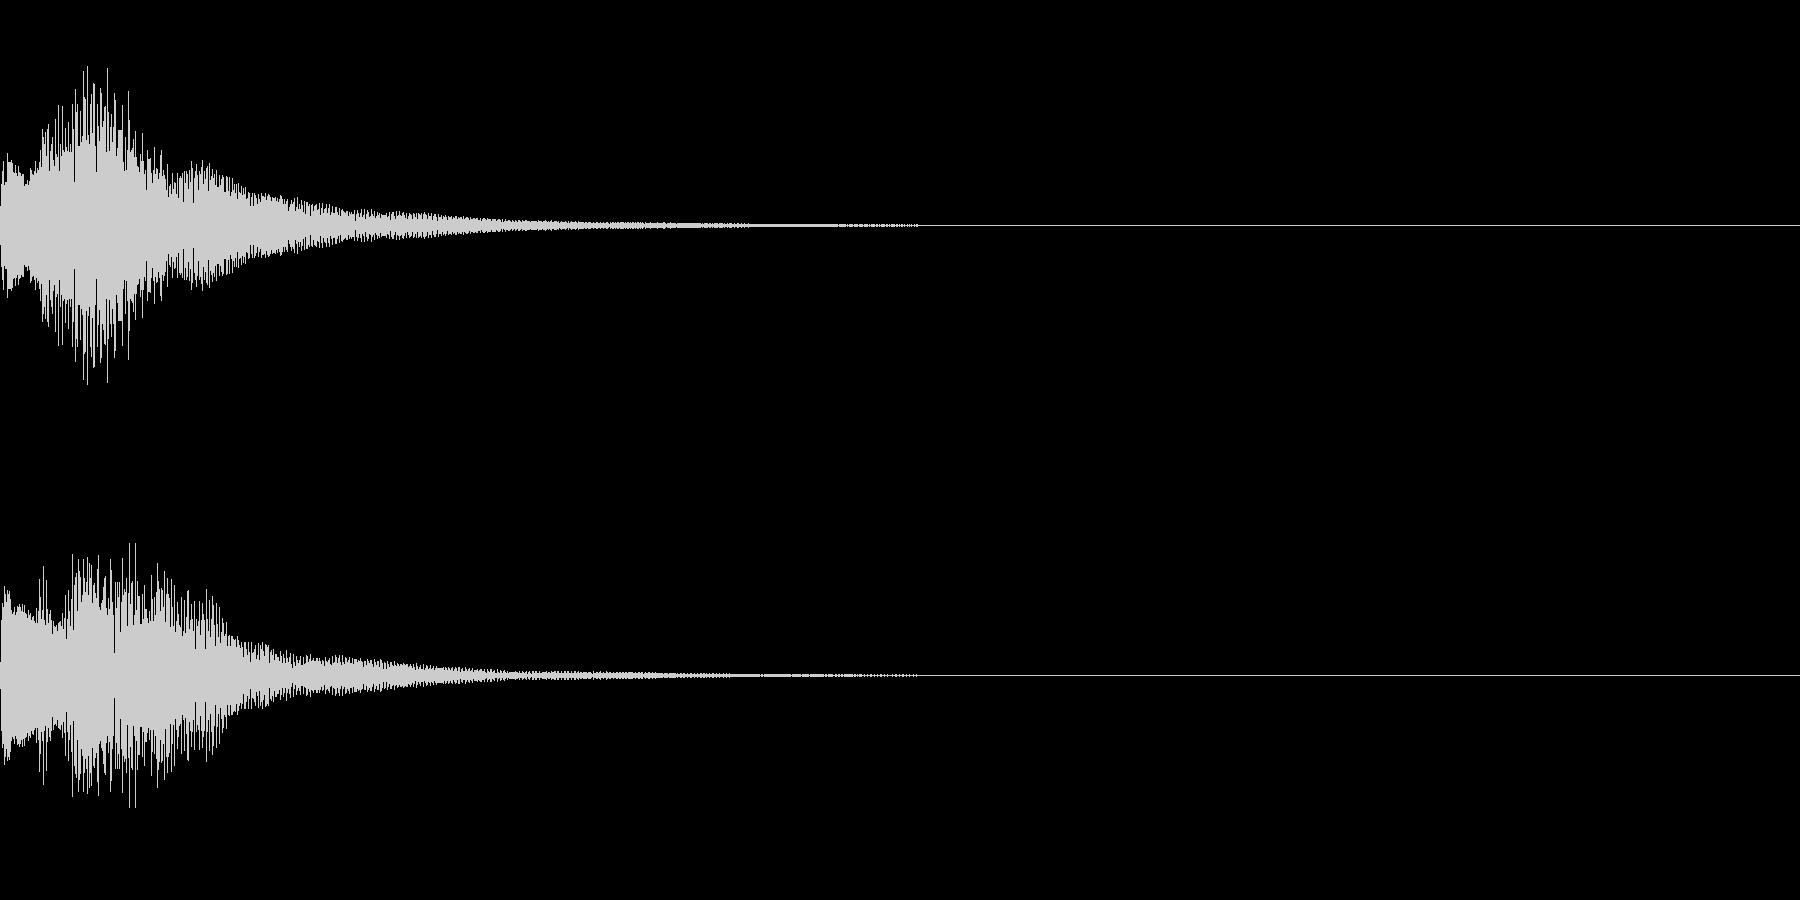 テレレレン 下がる (ゲーム効果音)の未再生の波形